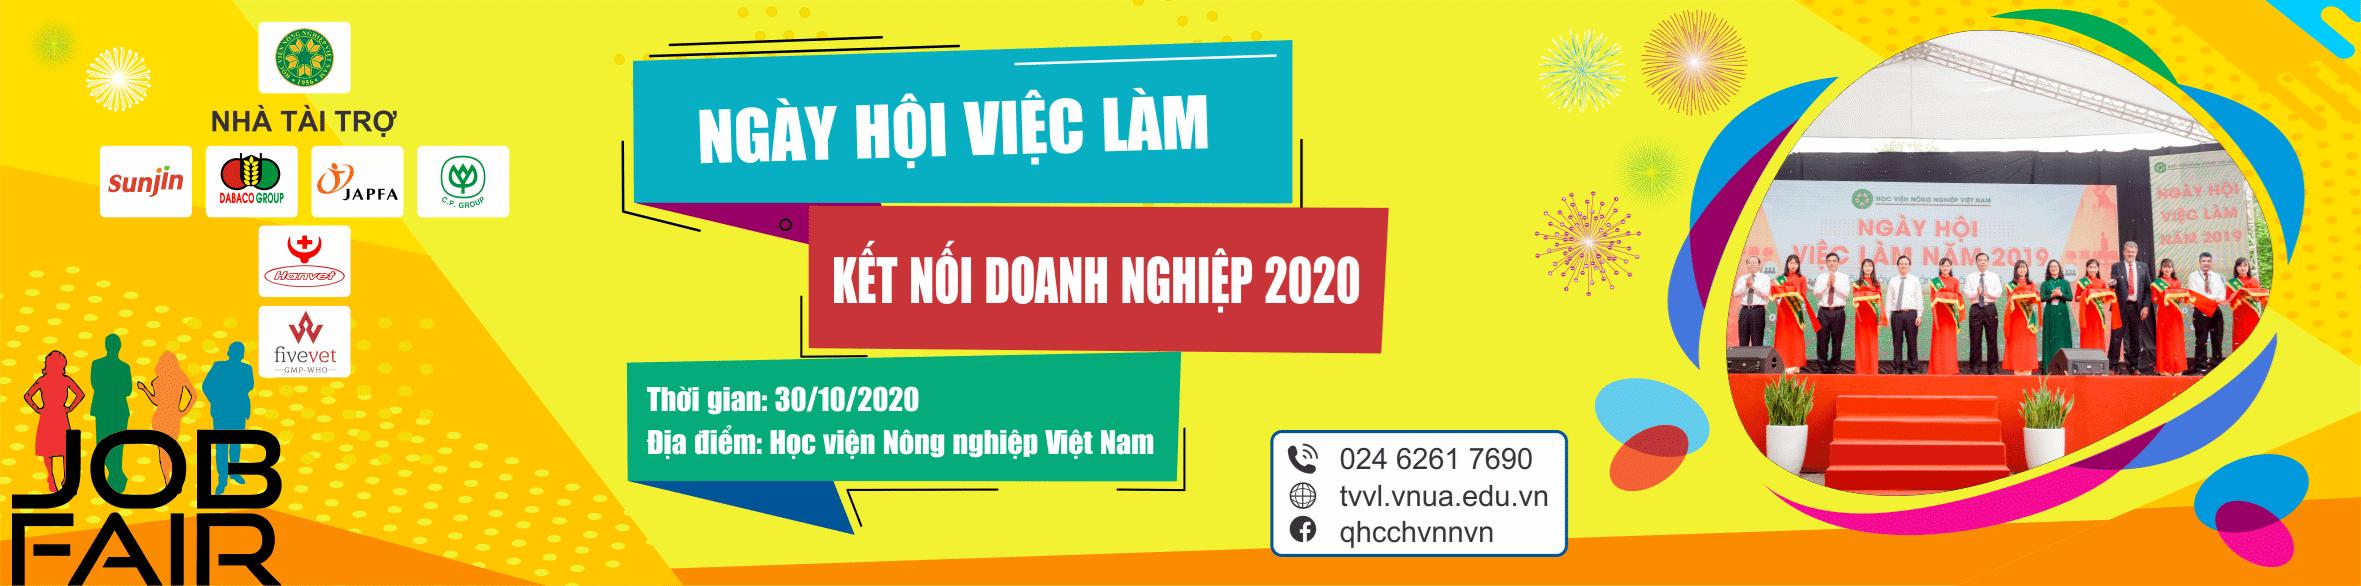 Ngày Hội việc làm 2020